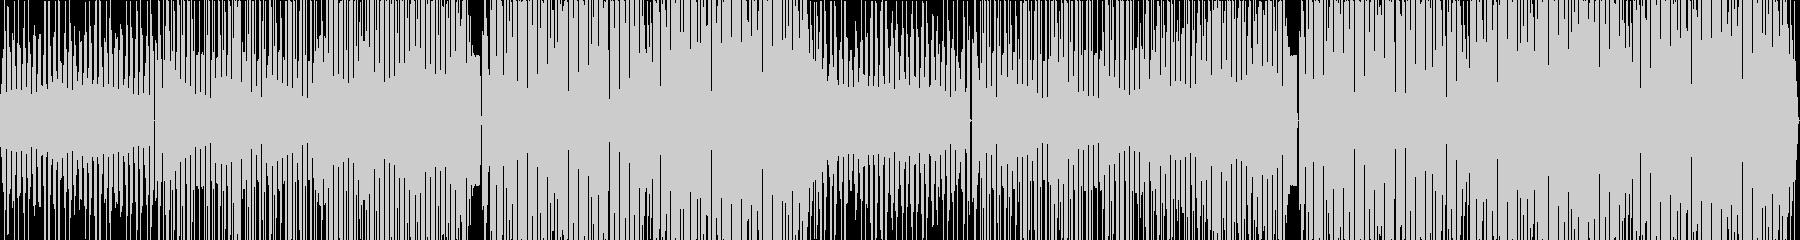 ジャングルを感じるレゲトンビートの未再生の波形